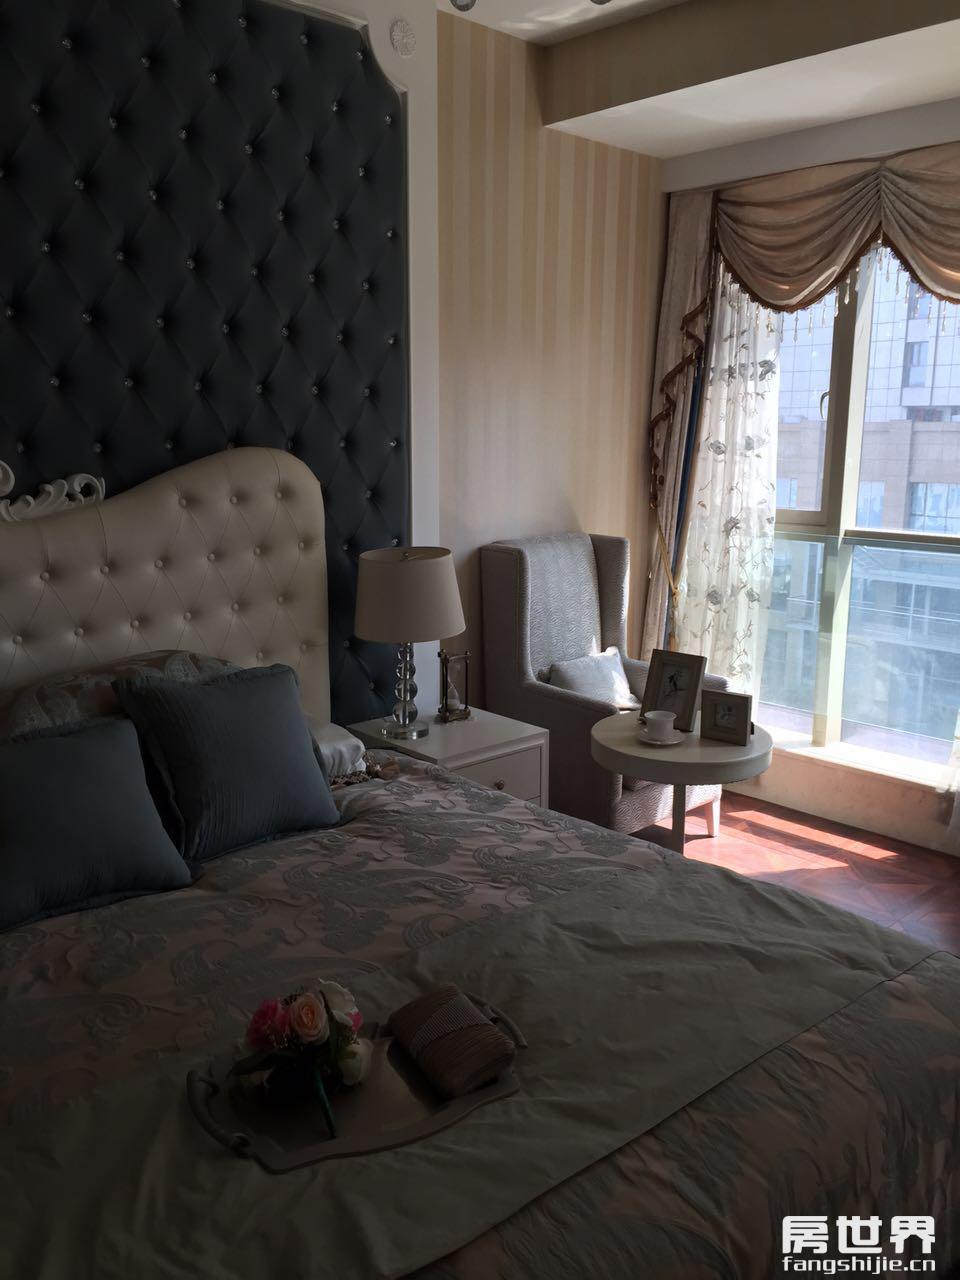 地铁口 多套单身公寓 套房 出租 价格实惠 随时看房